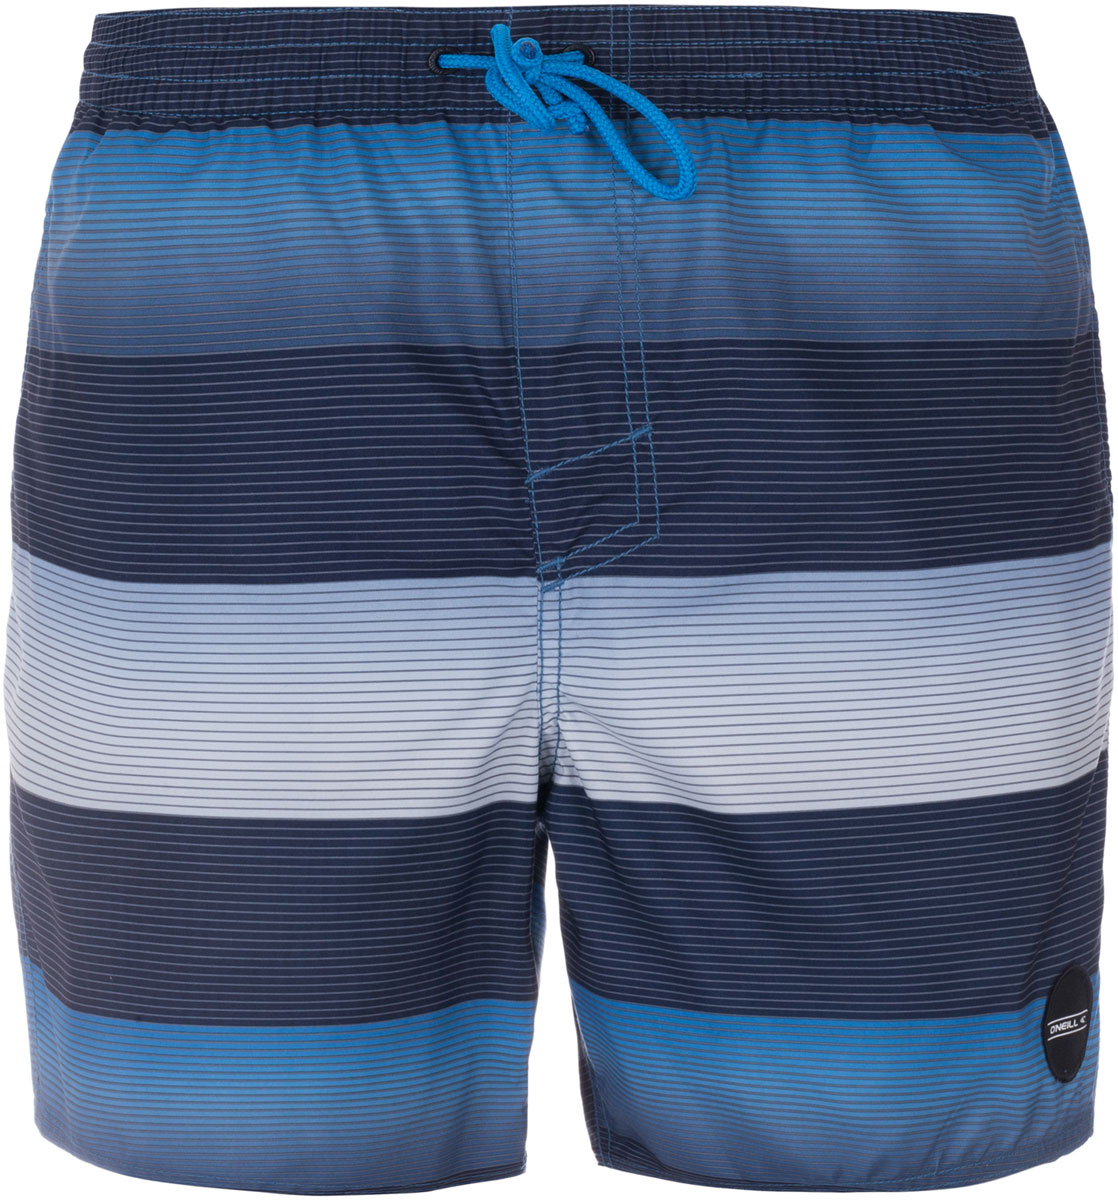 Шорты пляжные мужские ONeill Pm Santa Cruz Stripe Shorts, цвет: синий, белый, голубой. 7A3674-5900. Размер S (46/48)7A3674-5900Мужские пляжные шорты ONeill выполнены из 100% полиэстера. Технология Hyperdry надежно защищает от влаги, пропускает воздух и позволяет ткани быстро сохнуть. Пояс снабжен эластичной резинкой с затягивающимся шнурком для комфортной посадки. Изделие декорировано принтом в виде полосок.